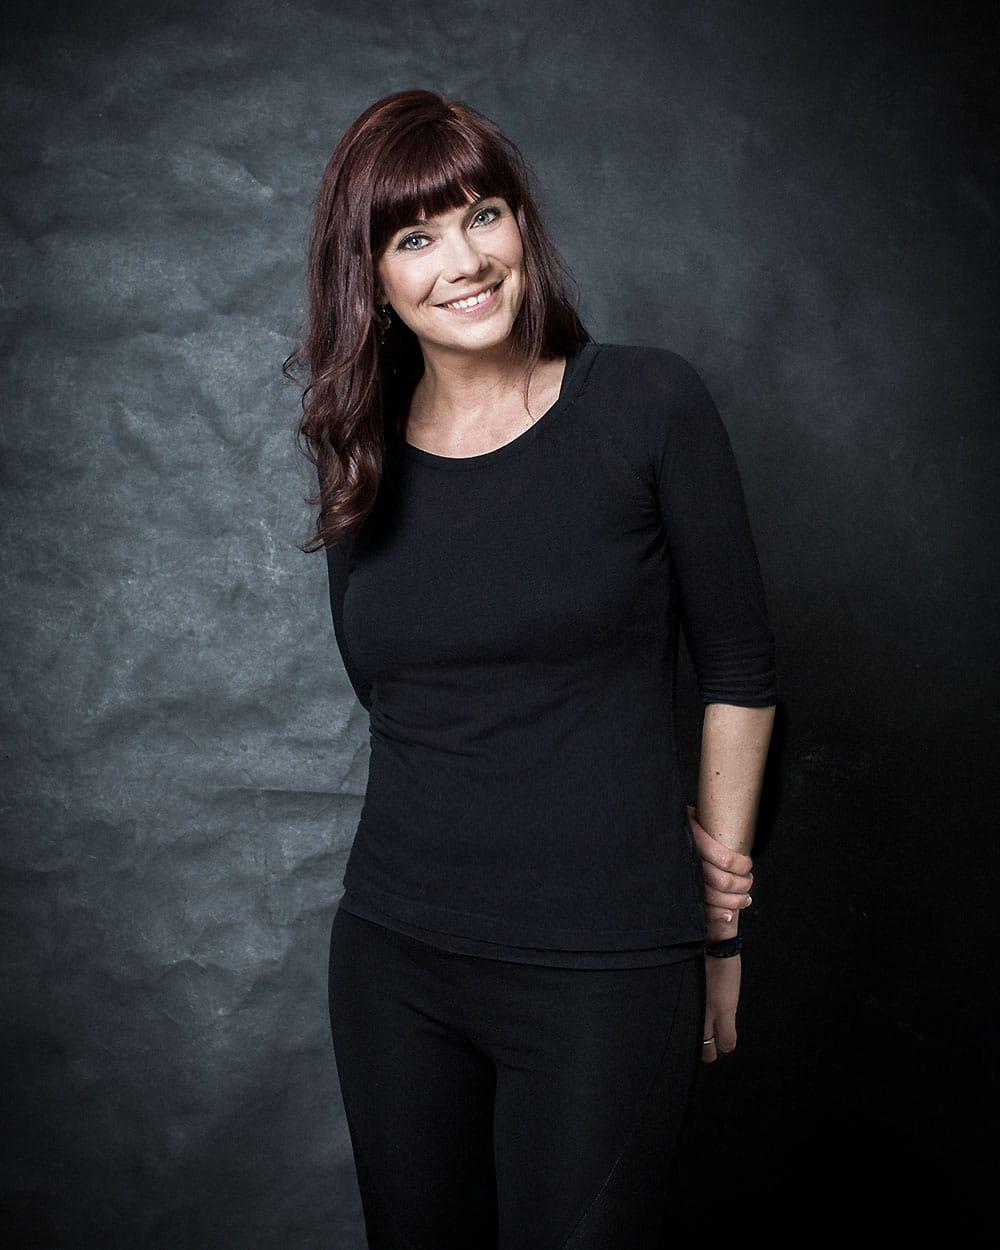 Daniela Rösler ist Projektmanagerin im Team bei HASEGOLD Grafikdesign in Osnabrück